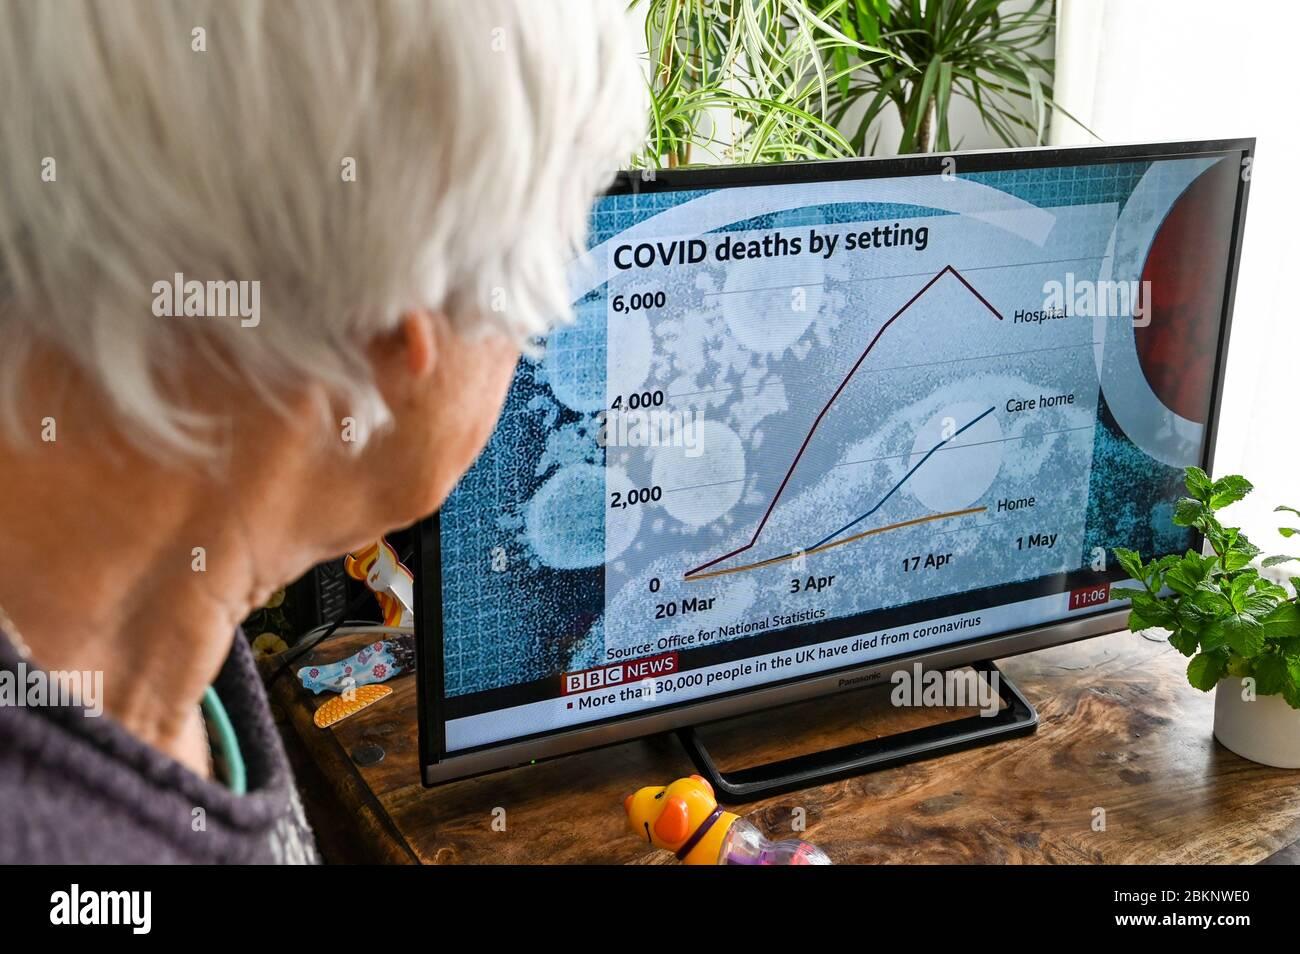 Une femme âgée regarde les nouvelles de la télévision avec un graphique montrant les décès au Royaume-Uni dans les hôpitaux, les maisons de soins et à la maison. Banque D'Images